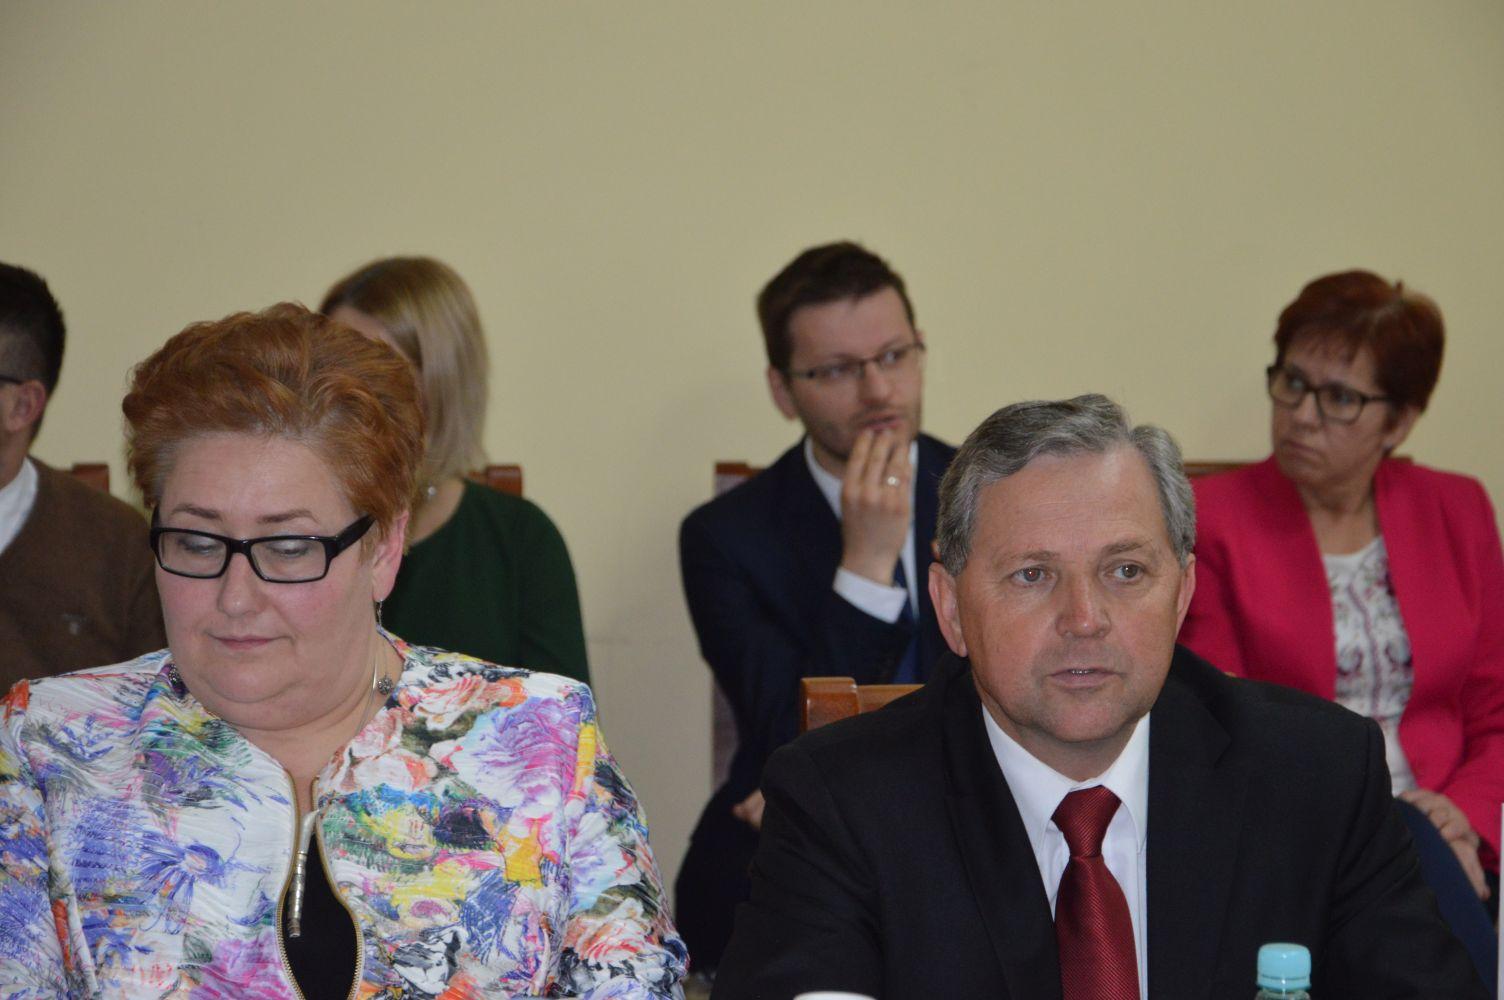 Nowe władze powiatu wadowickiego wybrane [FOTO] [AKTUALIZACJA]